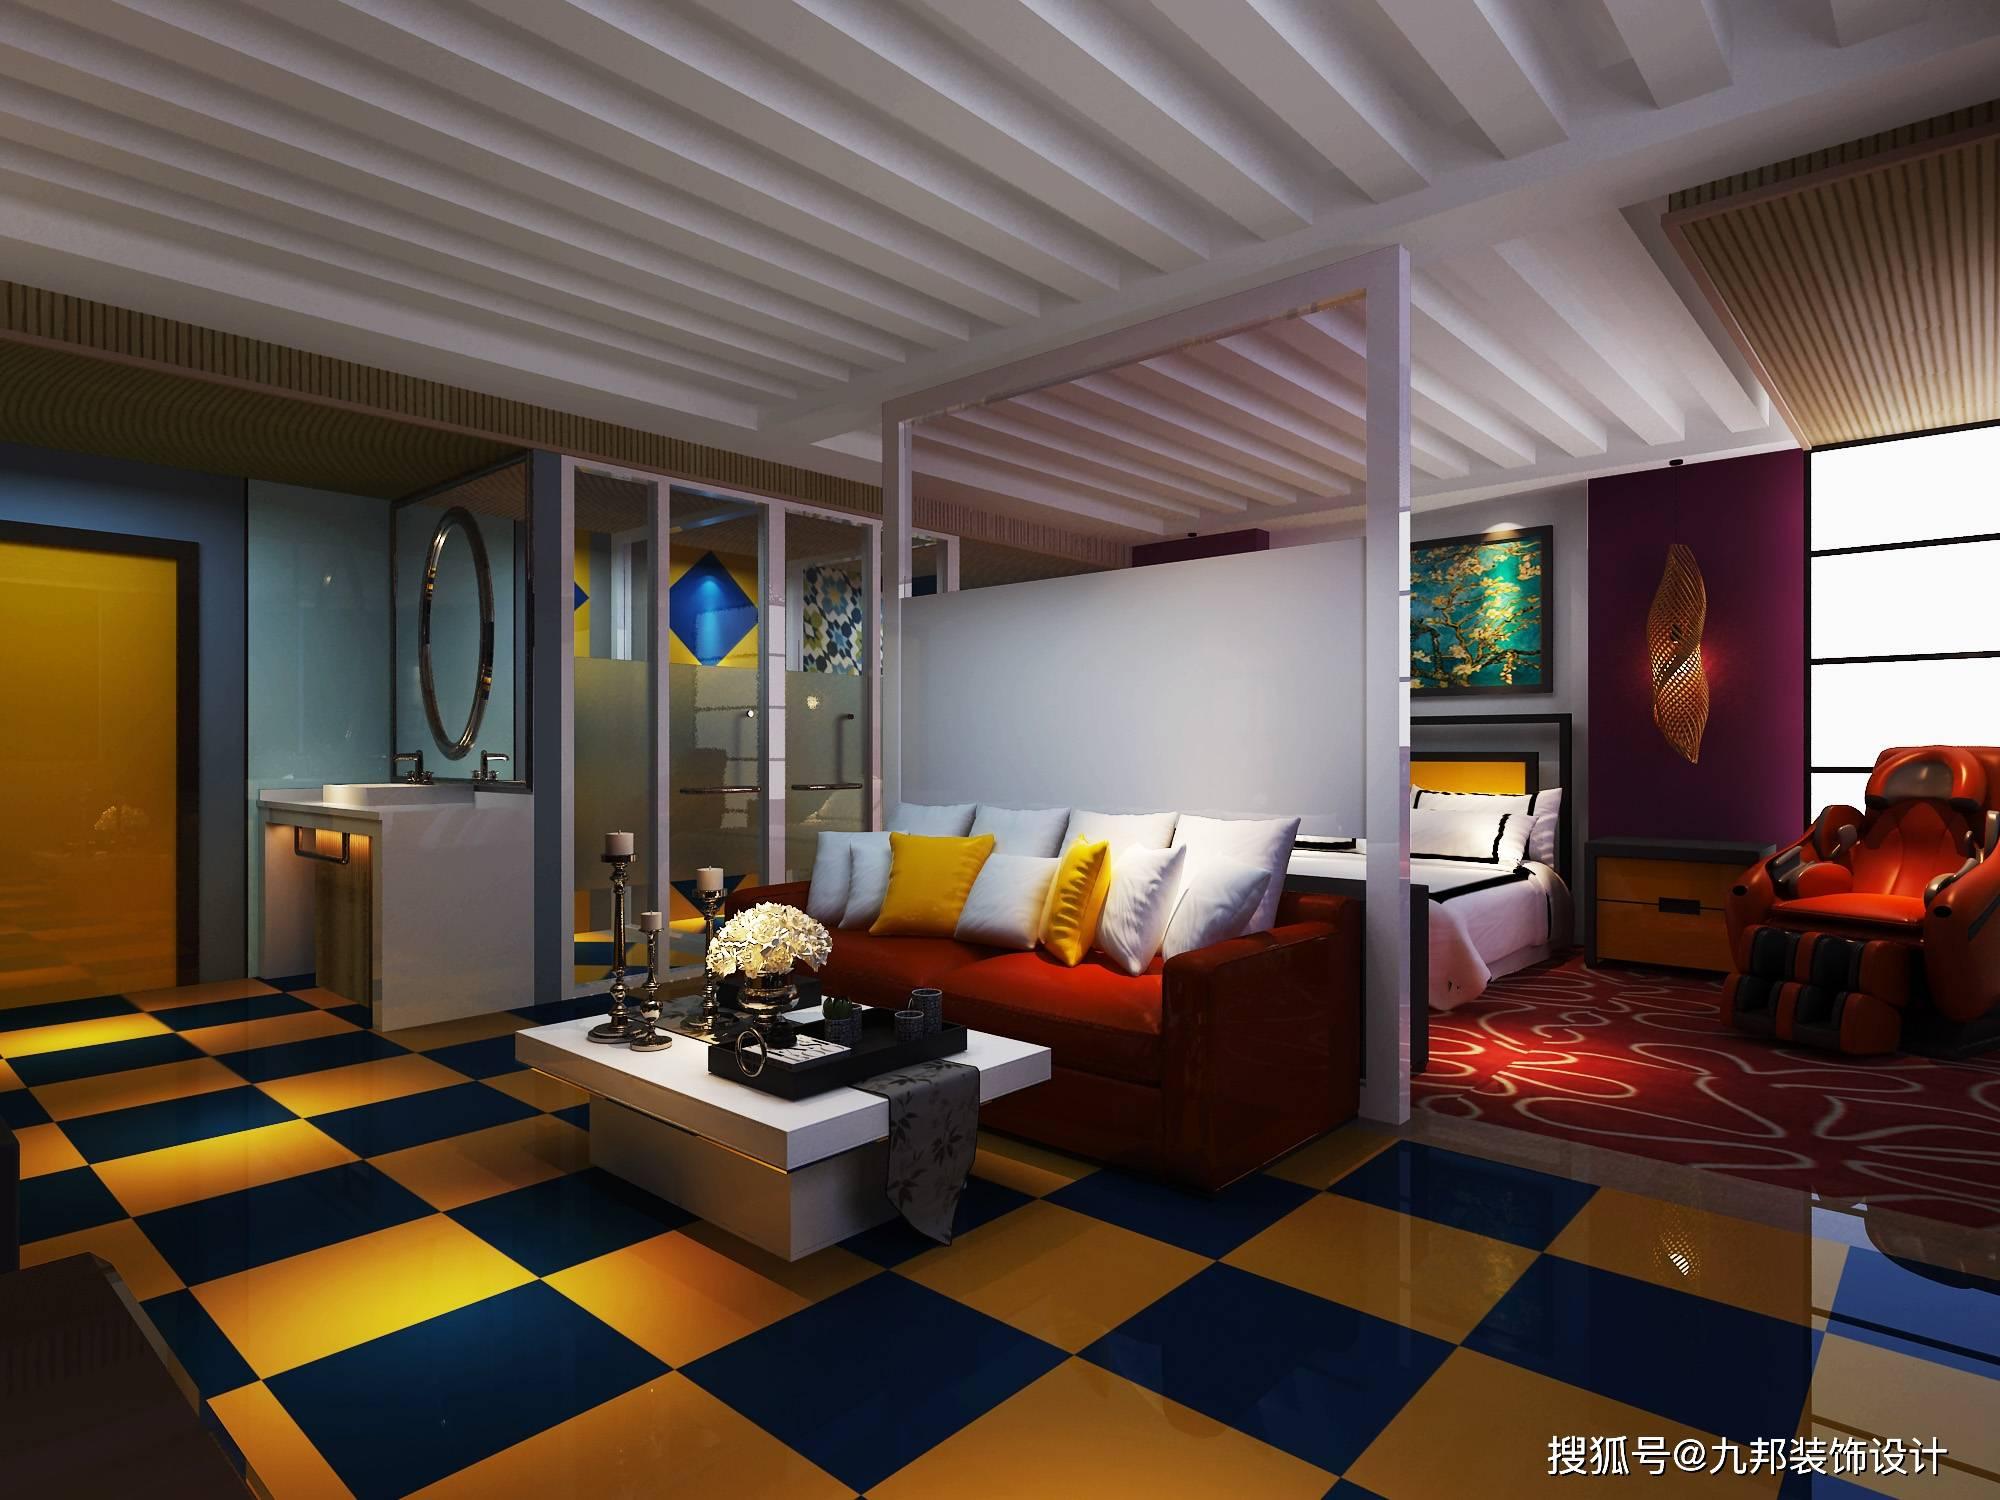 广州办公室装修公司 酒店会所装修设计公司 三宏装饰